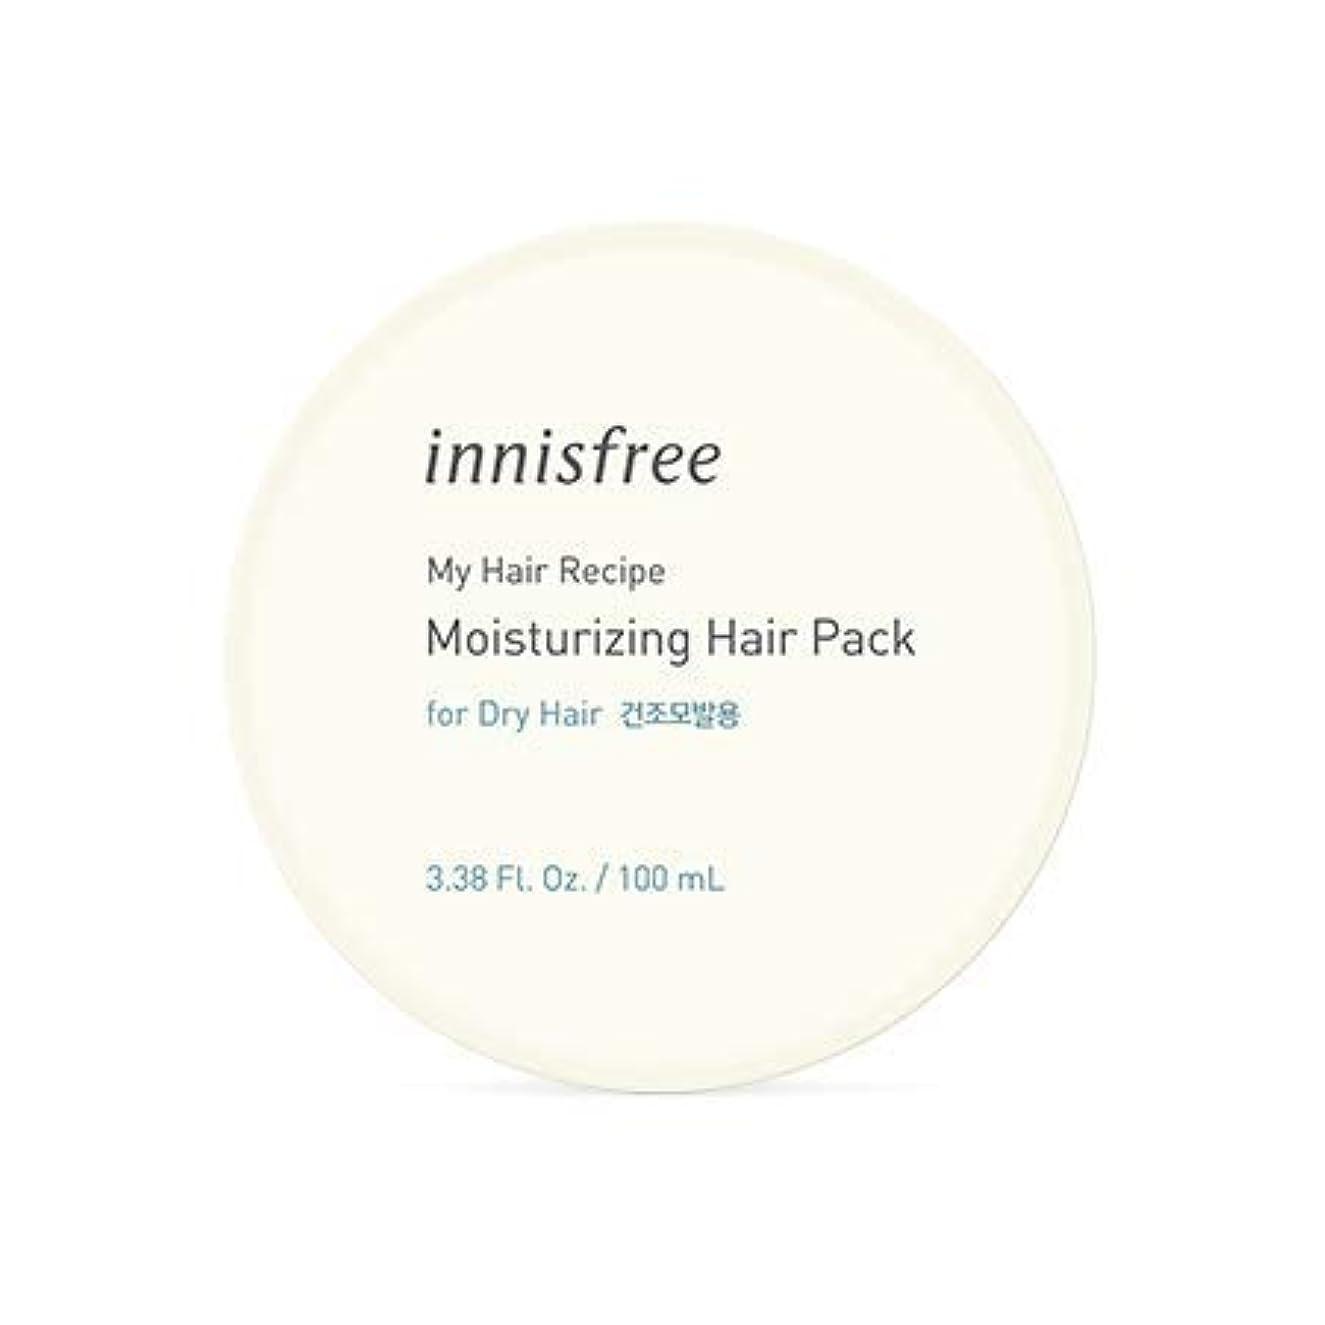 送料ワーカー寄付する[イニスフリー.INNISFREE]マイヘアレシピモイスチャライジングヘアパック[乾燥毛髪用] (100mL×2EA) / HAIR RECIPE MOISTURIZING HAIR PACK_しっとりツヤ私レシピで乾燥毛髪...